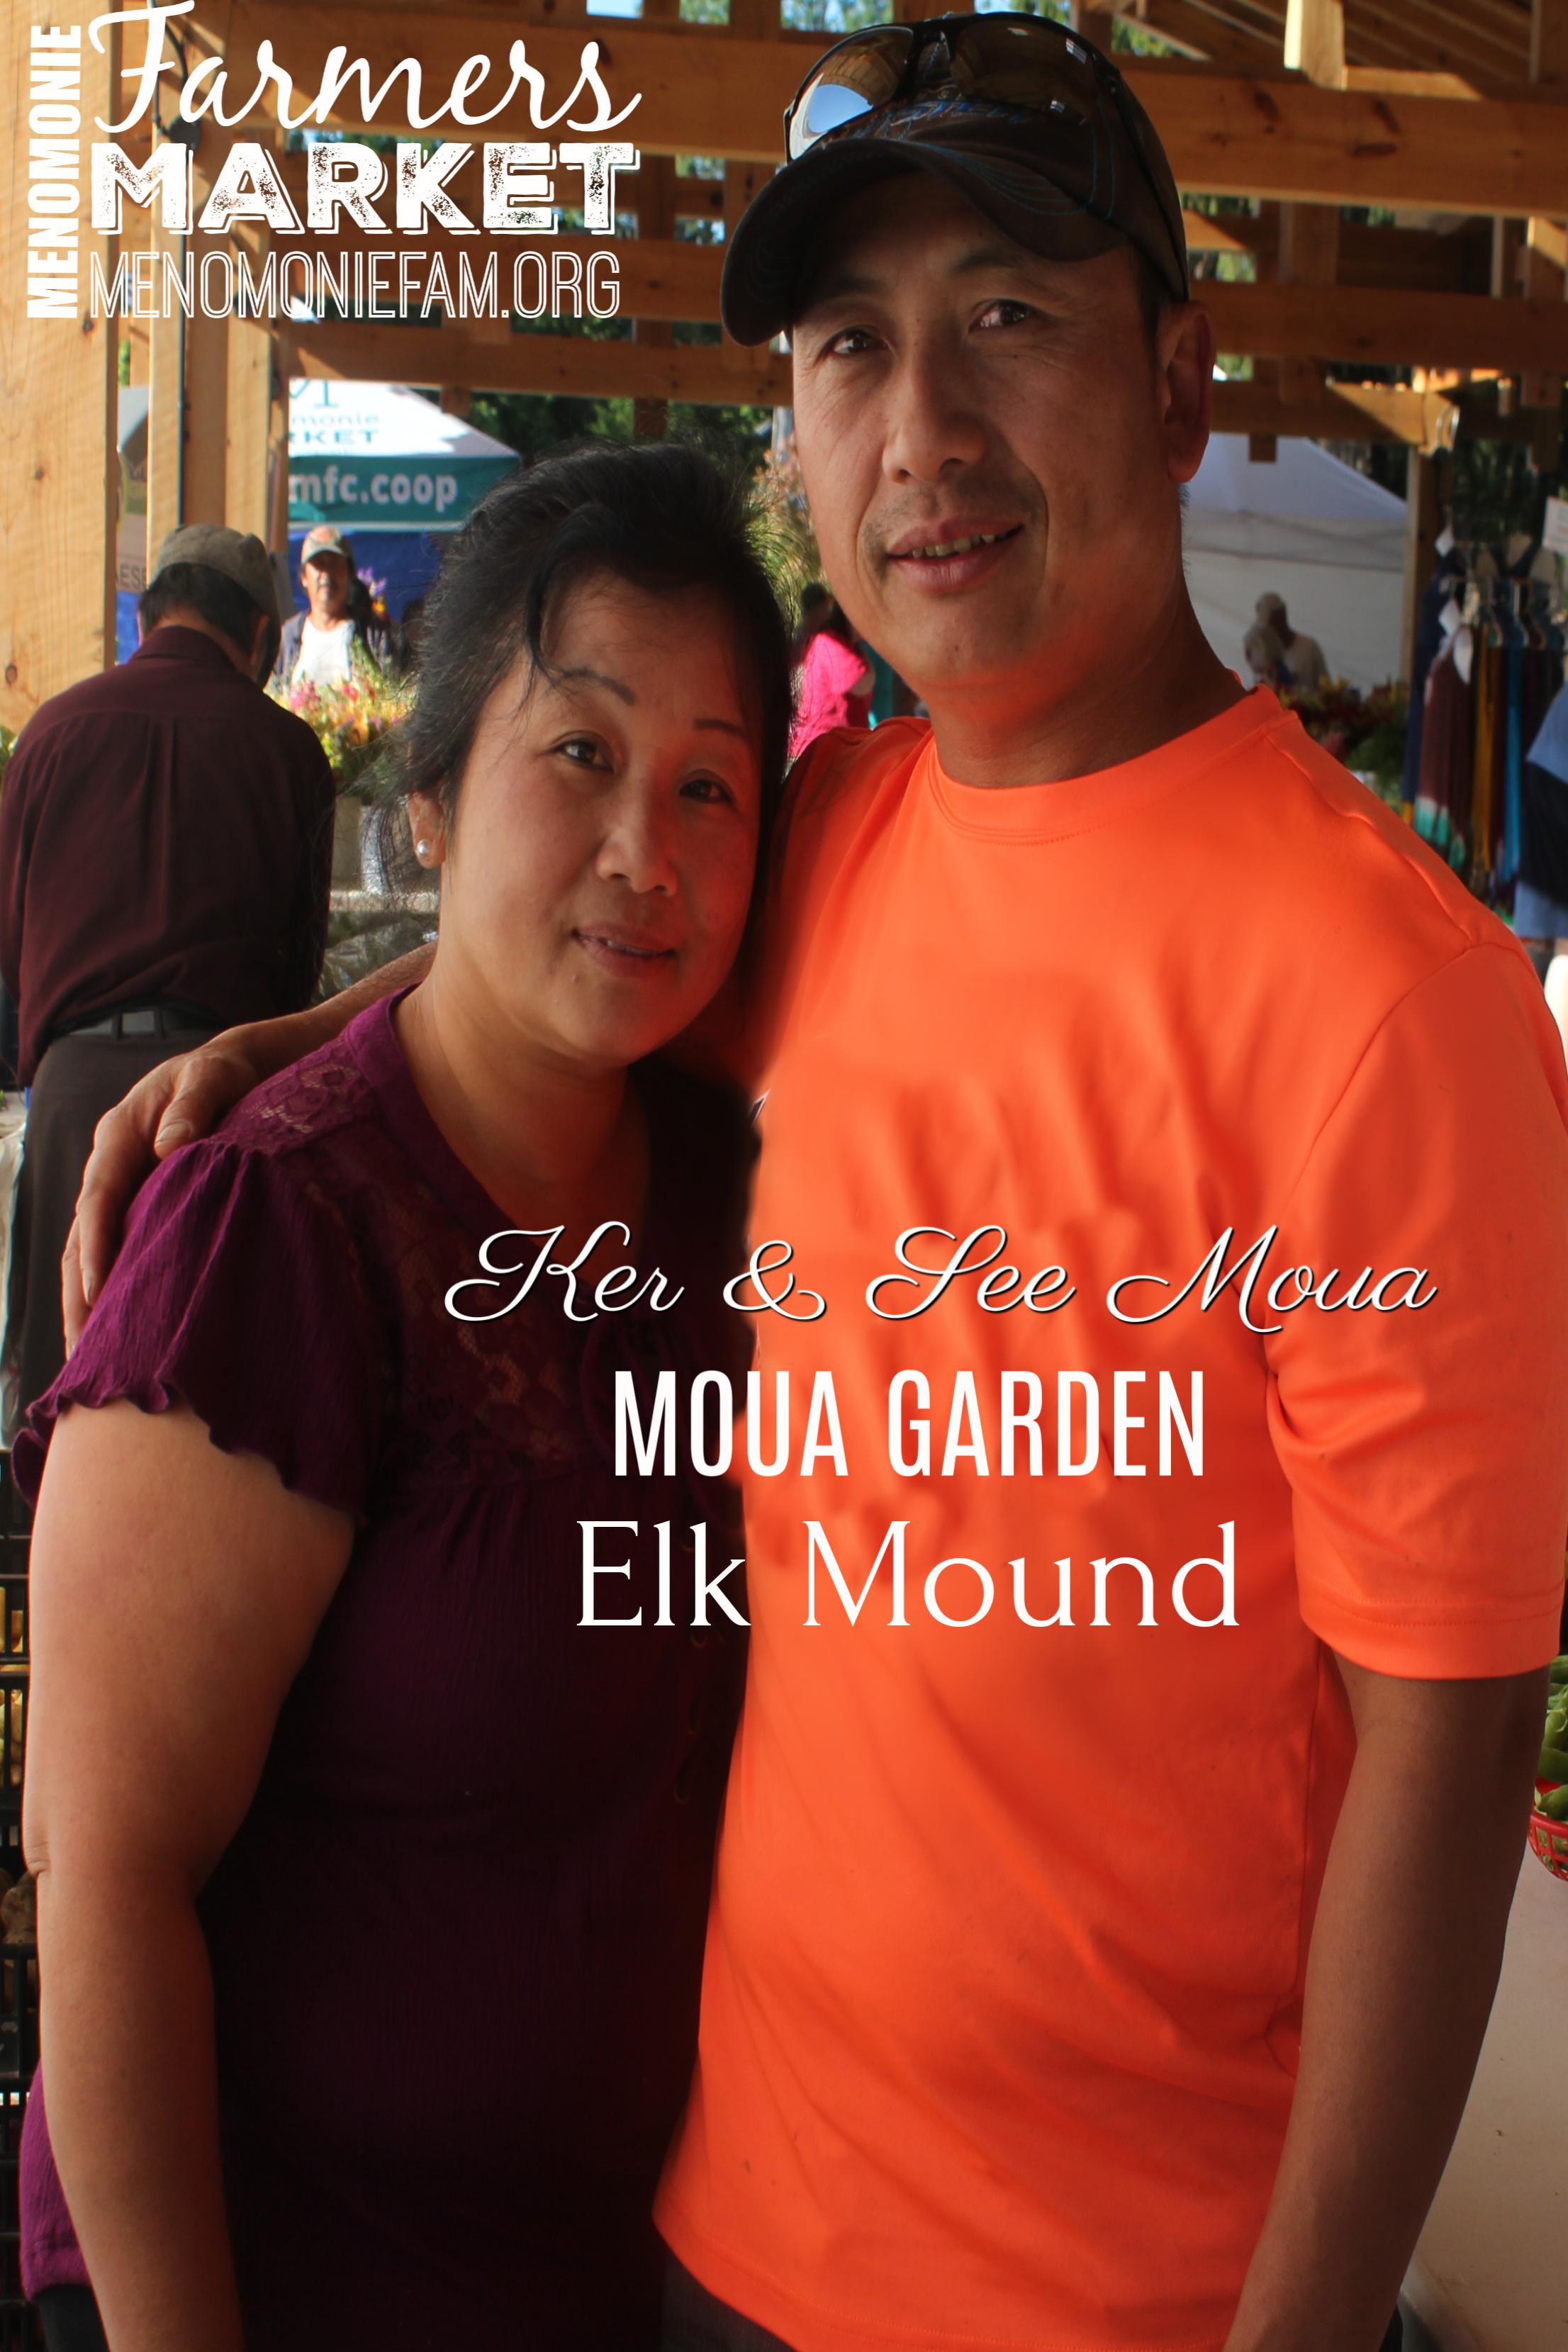 Moua Garden